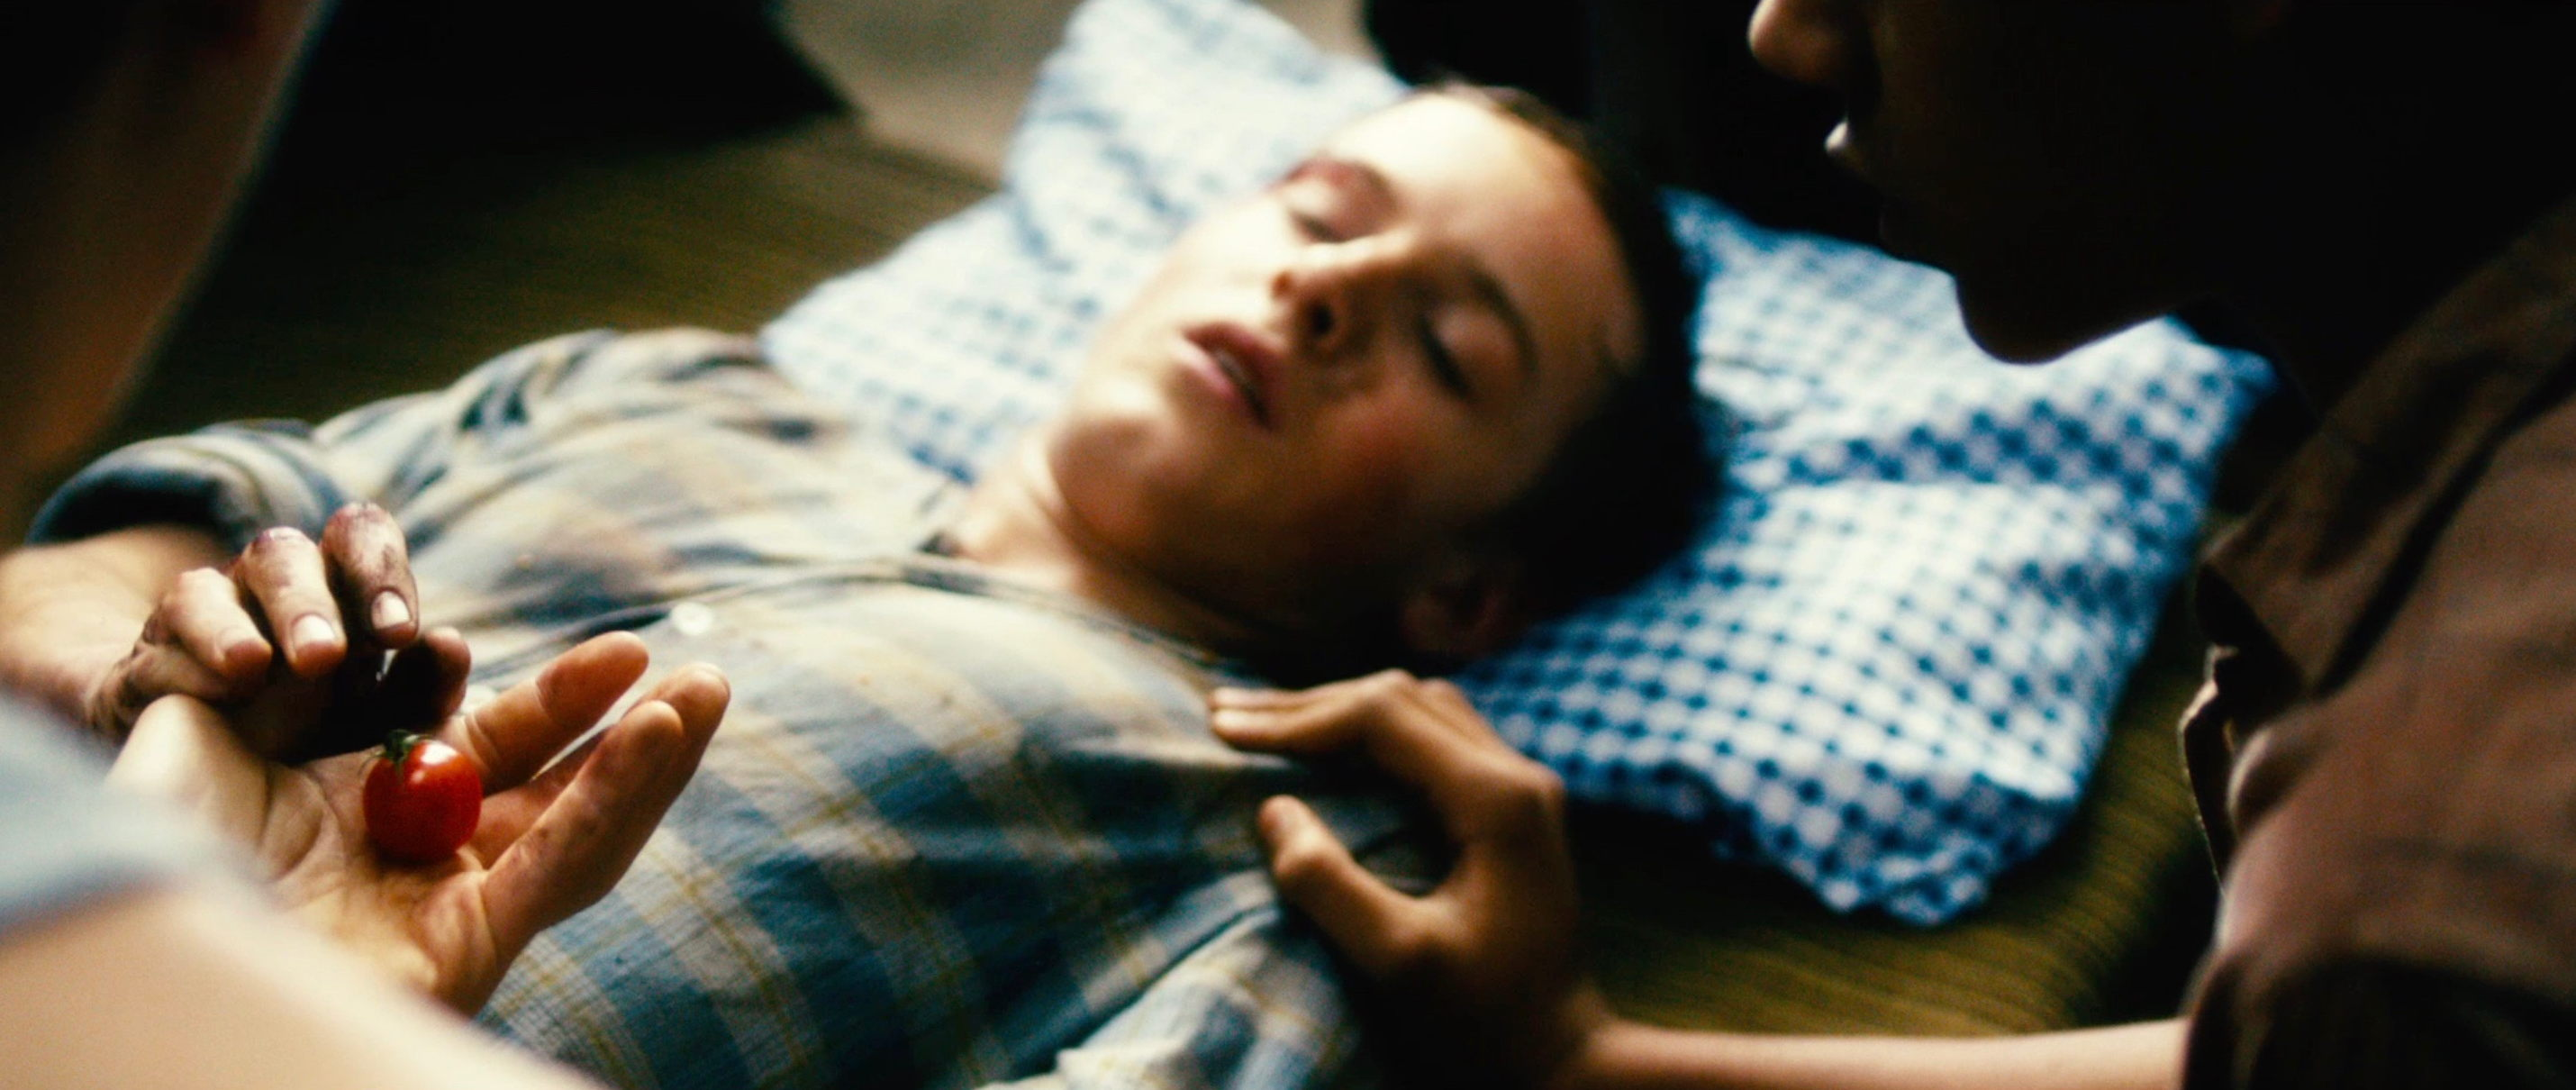 Freistatt Sanctuary - Wolfgang liegt brutal zusammen geschlagen im Bett - Regie Marc Brummund - Kamera Judith Kaufmann